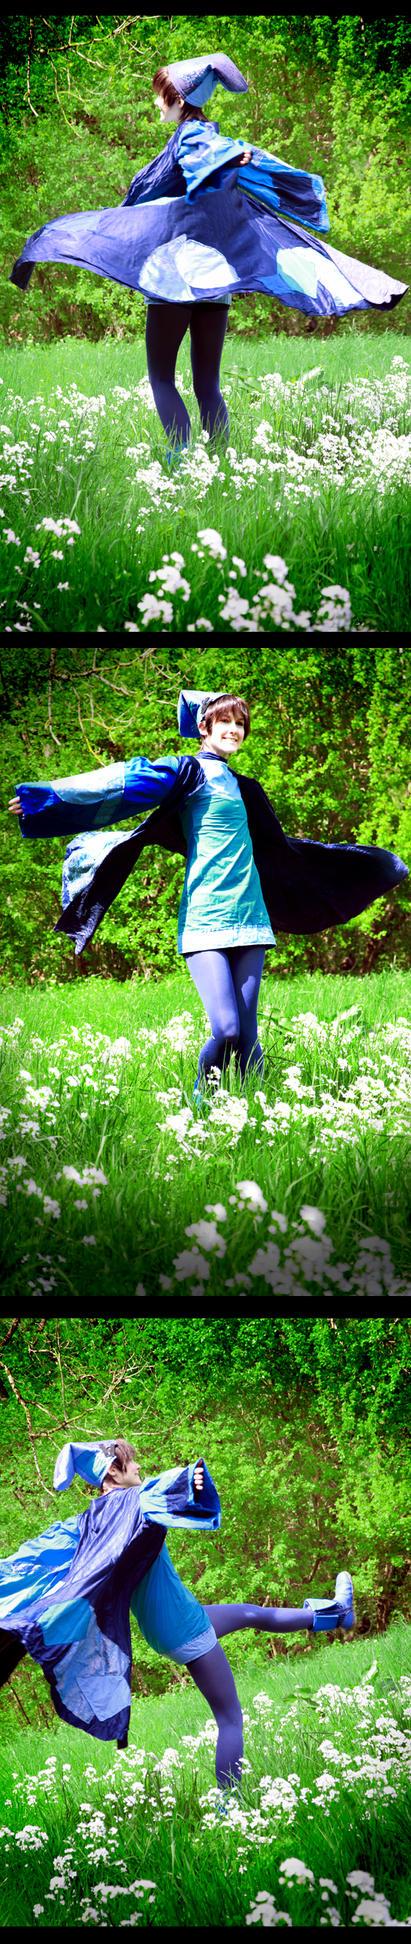 The Last Unicorn - Schmendrick The Magician by Ravenic